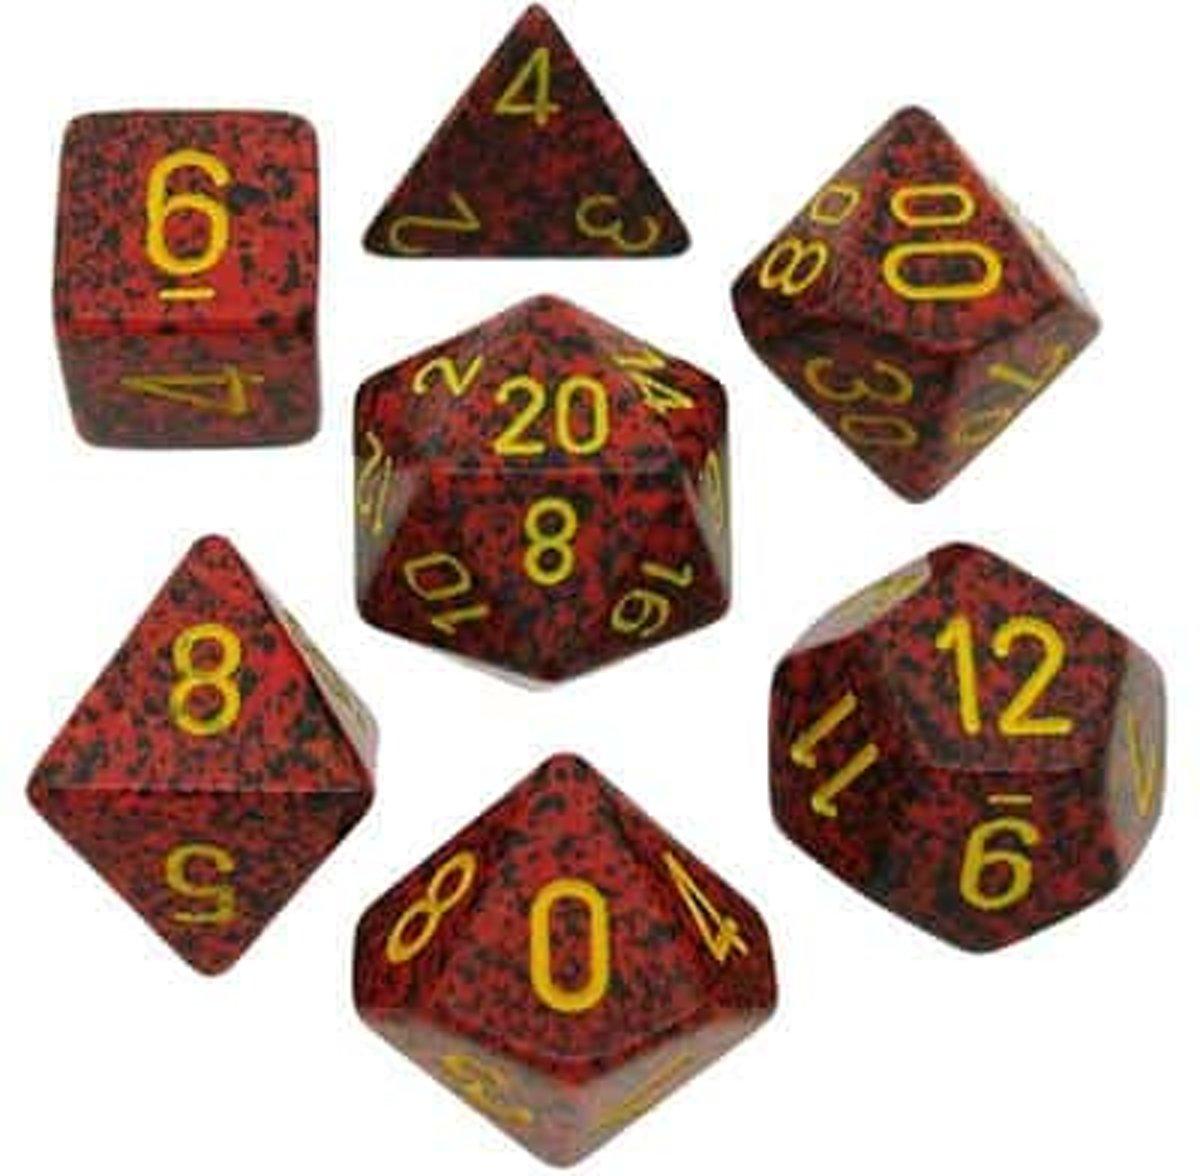 Chessex dobbelstenen set, 7 polydice, Speckled Mercury